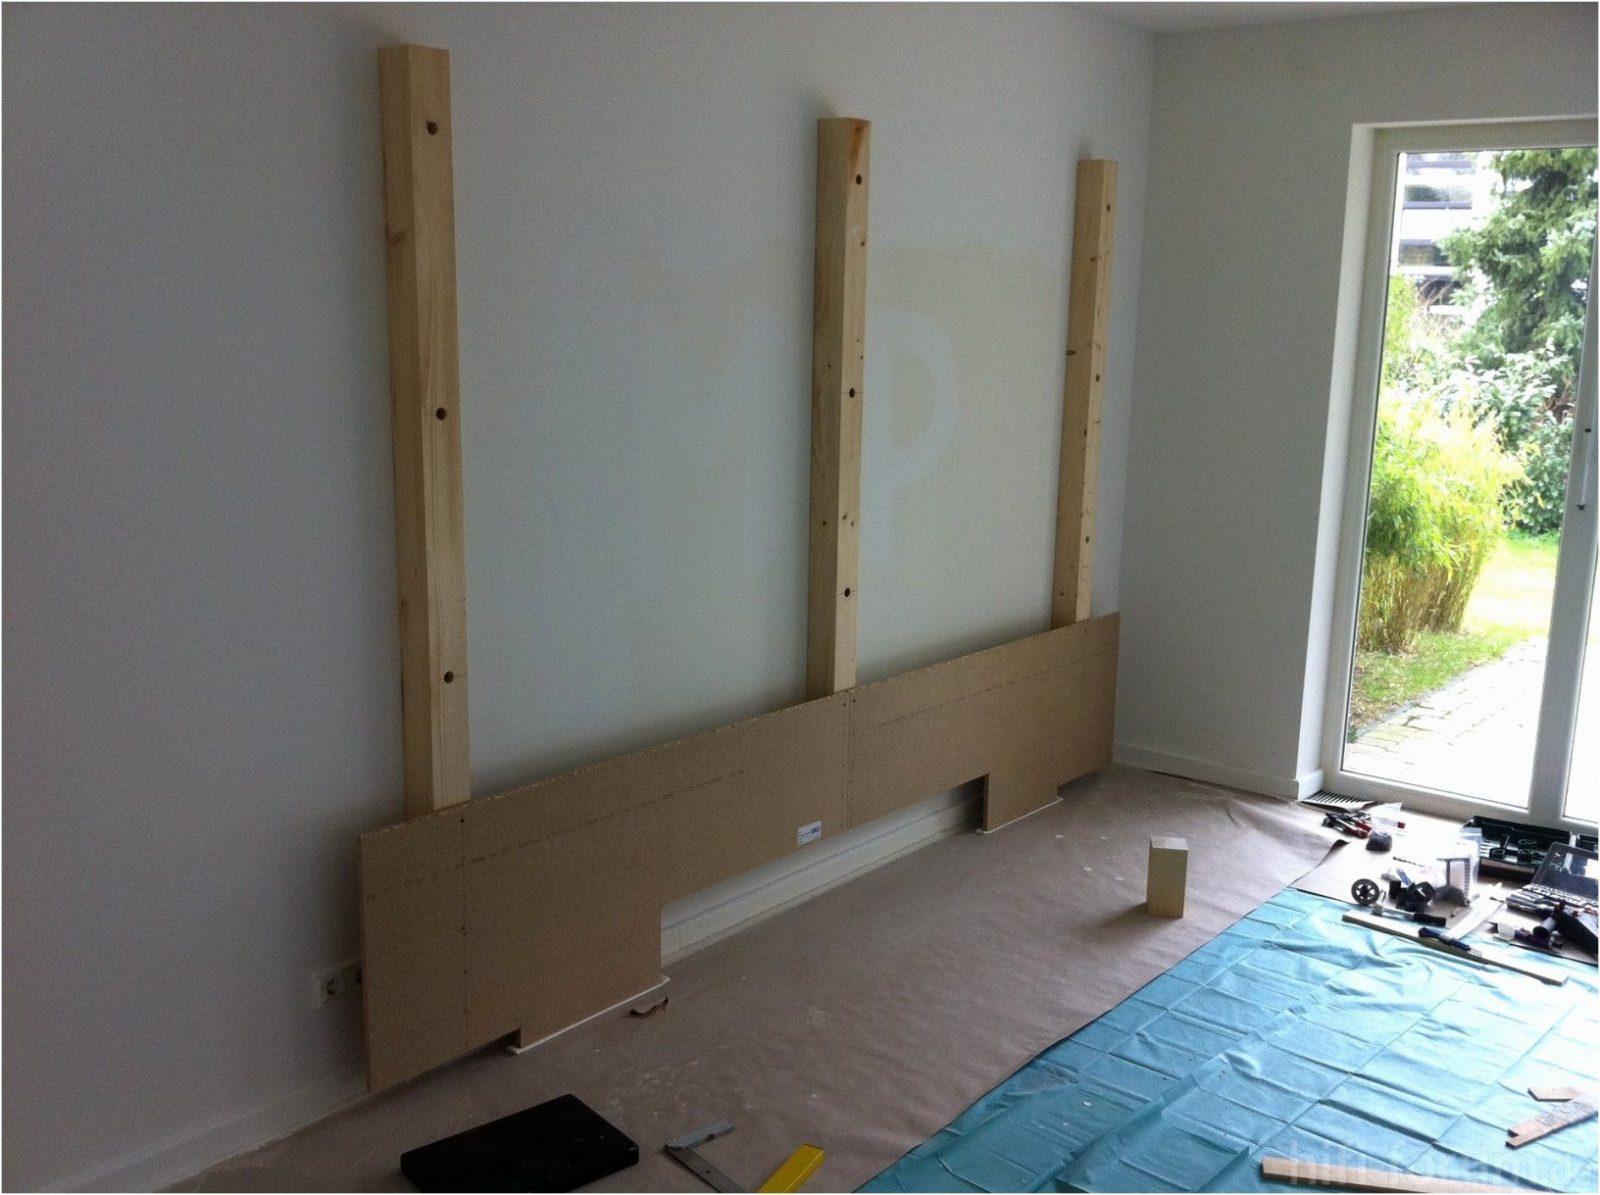 tv möbel selber bauen frisch ideen kleines ideen fur tv wand tv wand